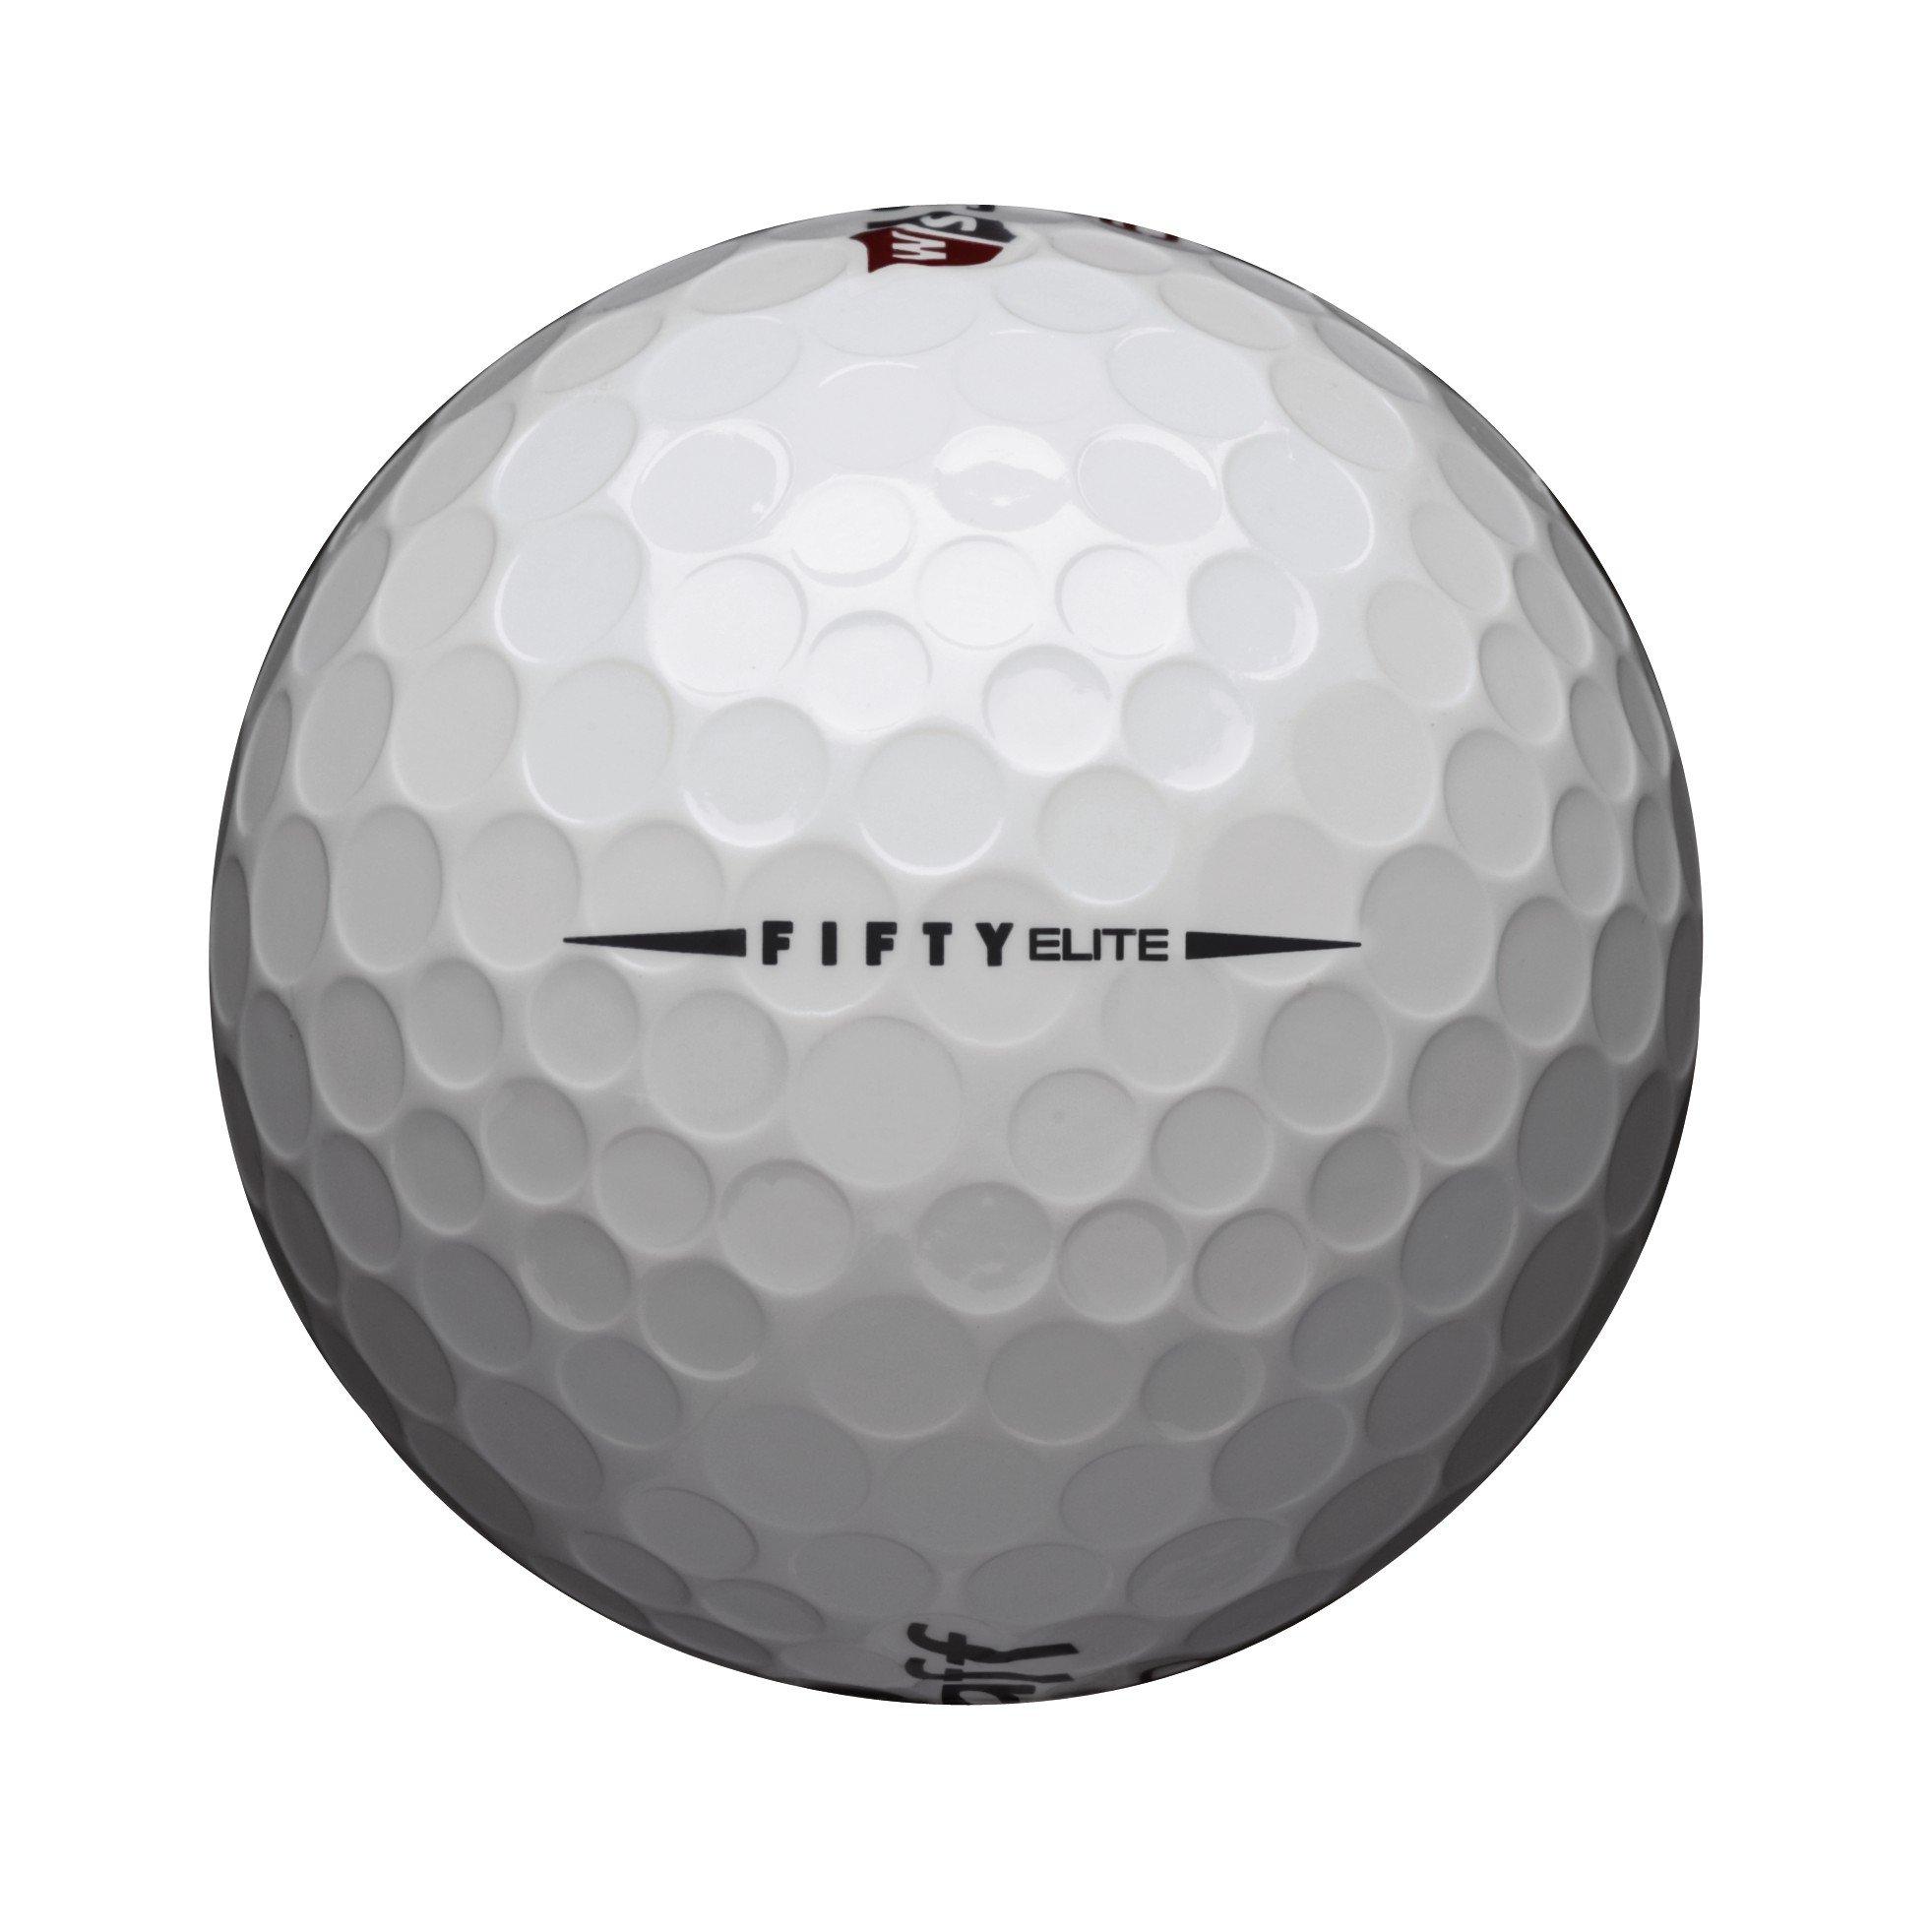 Wilson Golf Staff Fifty Elite Golf Balls, Dozen Slide Pack, White - WGWP17002 by Wilson